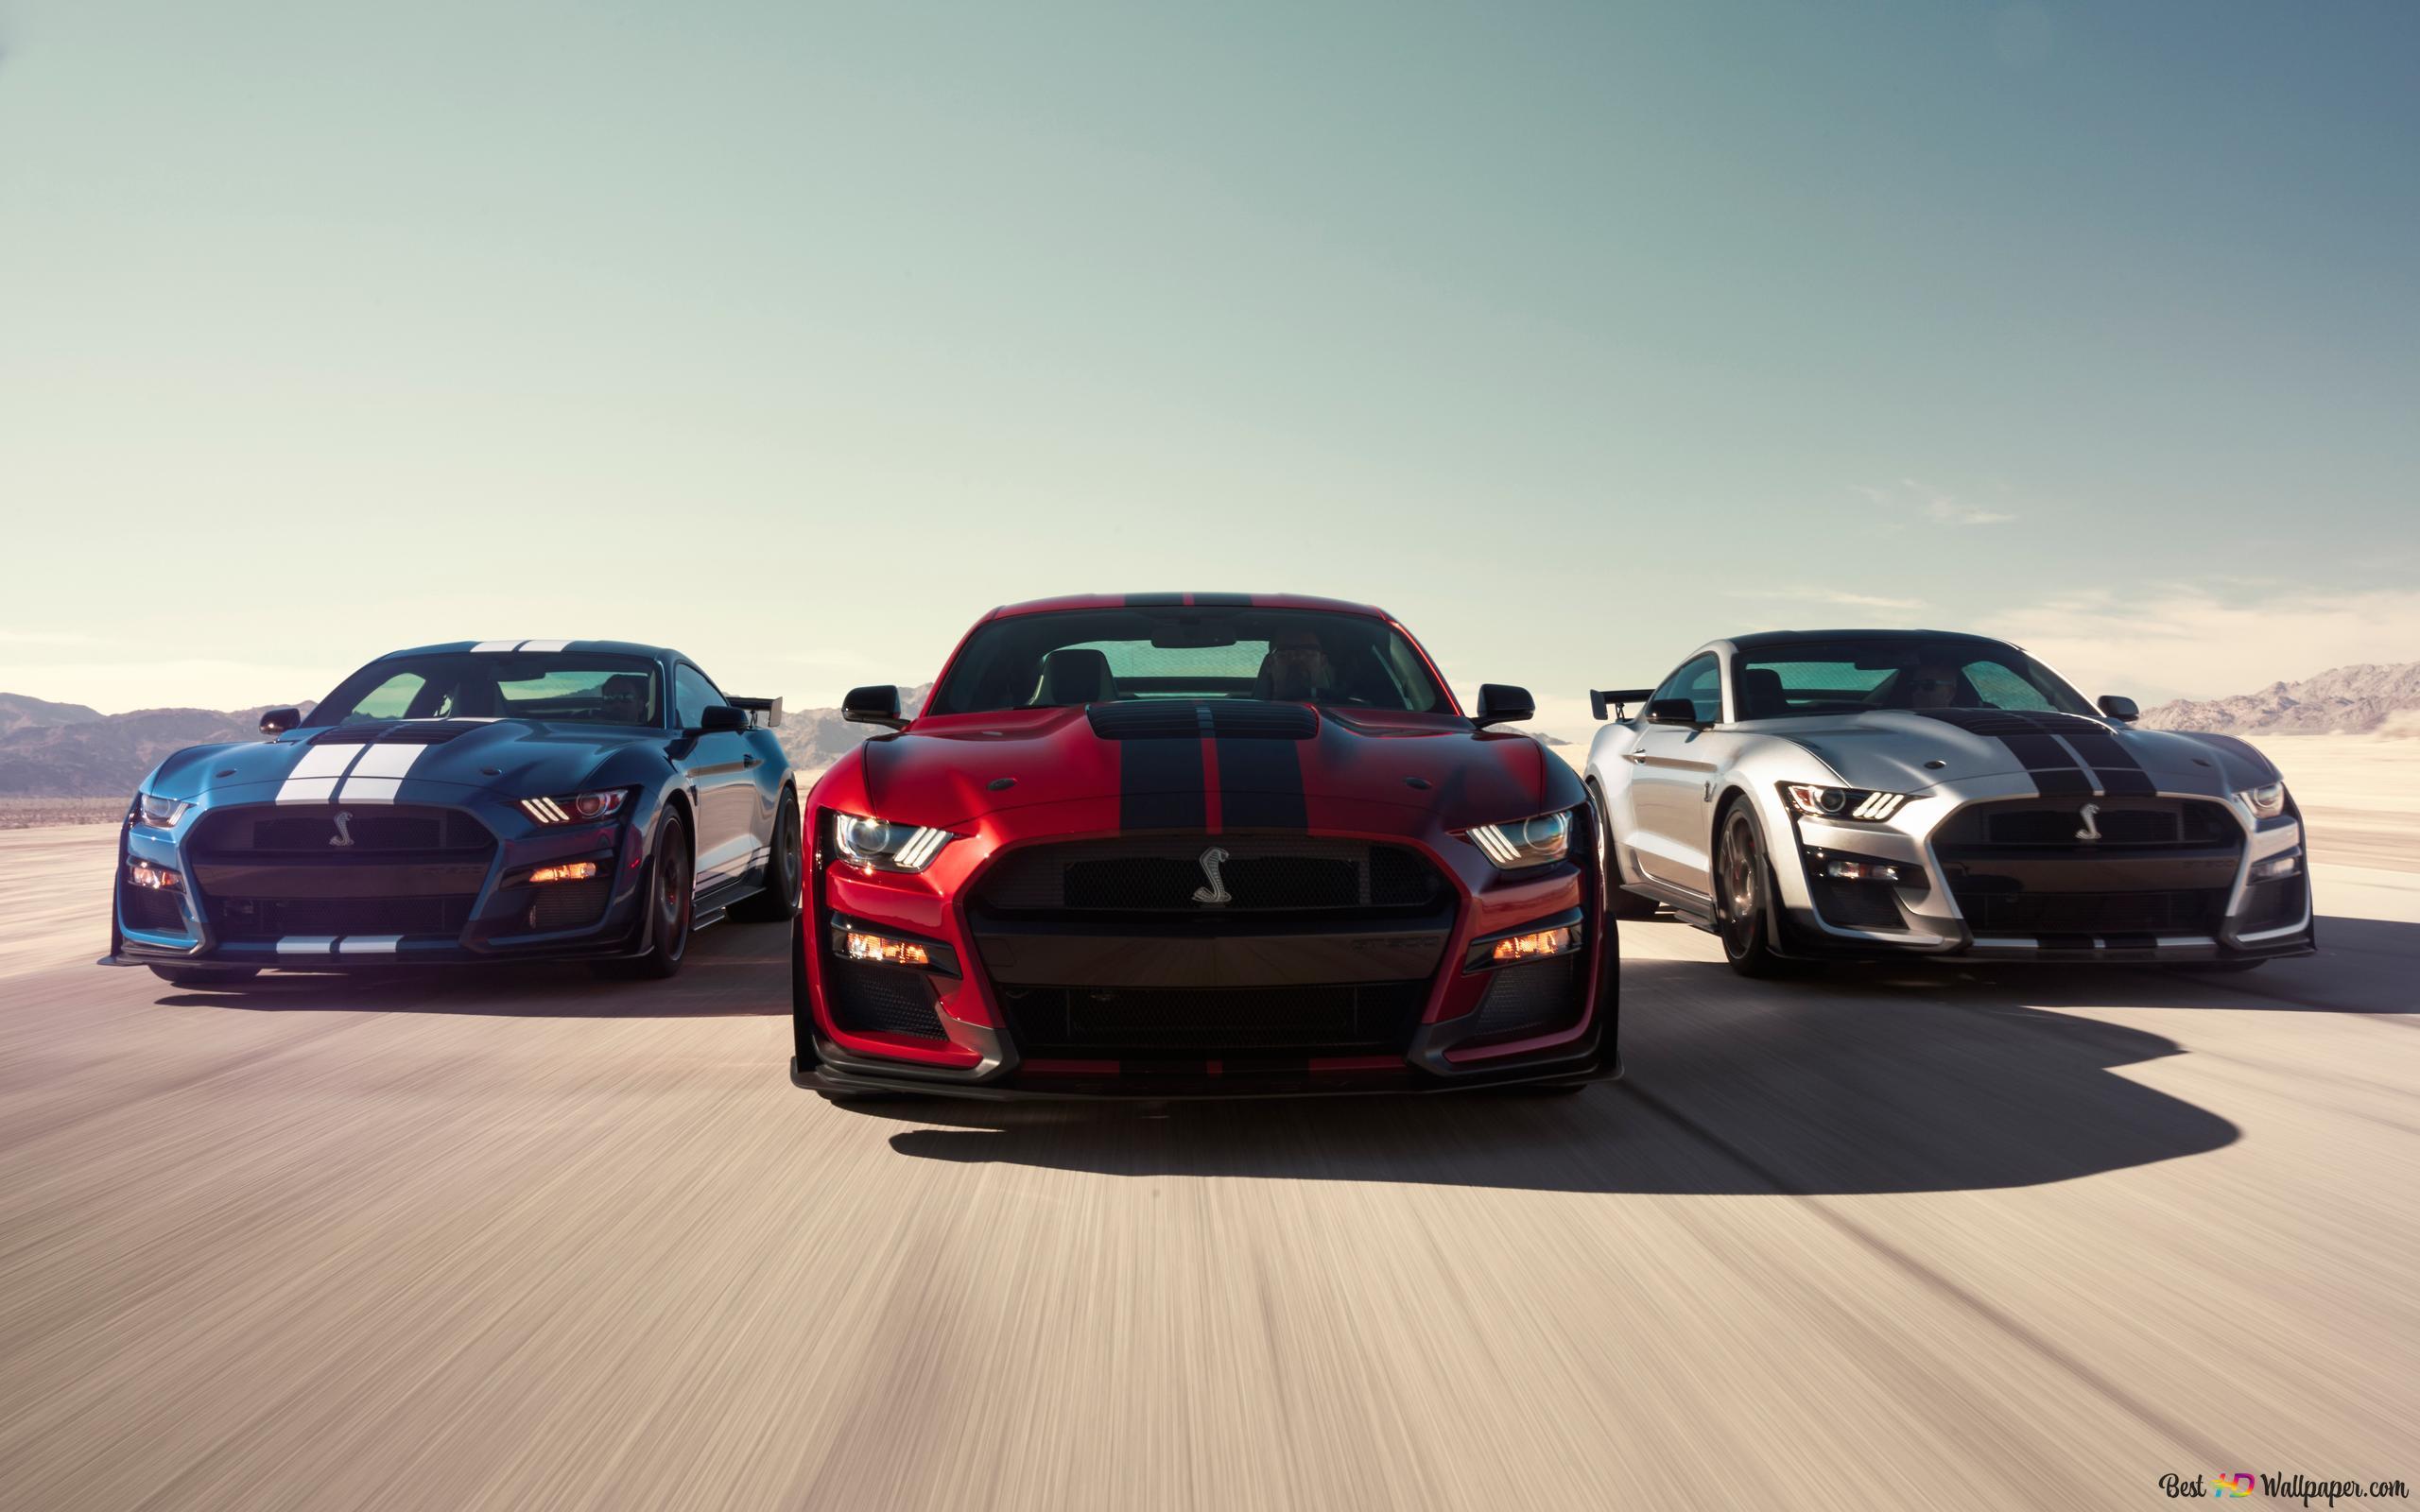 Descargar Fondo De Pantalla 2020 Ford Mustang Shelby Gt500 Hd